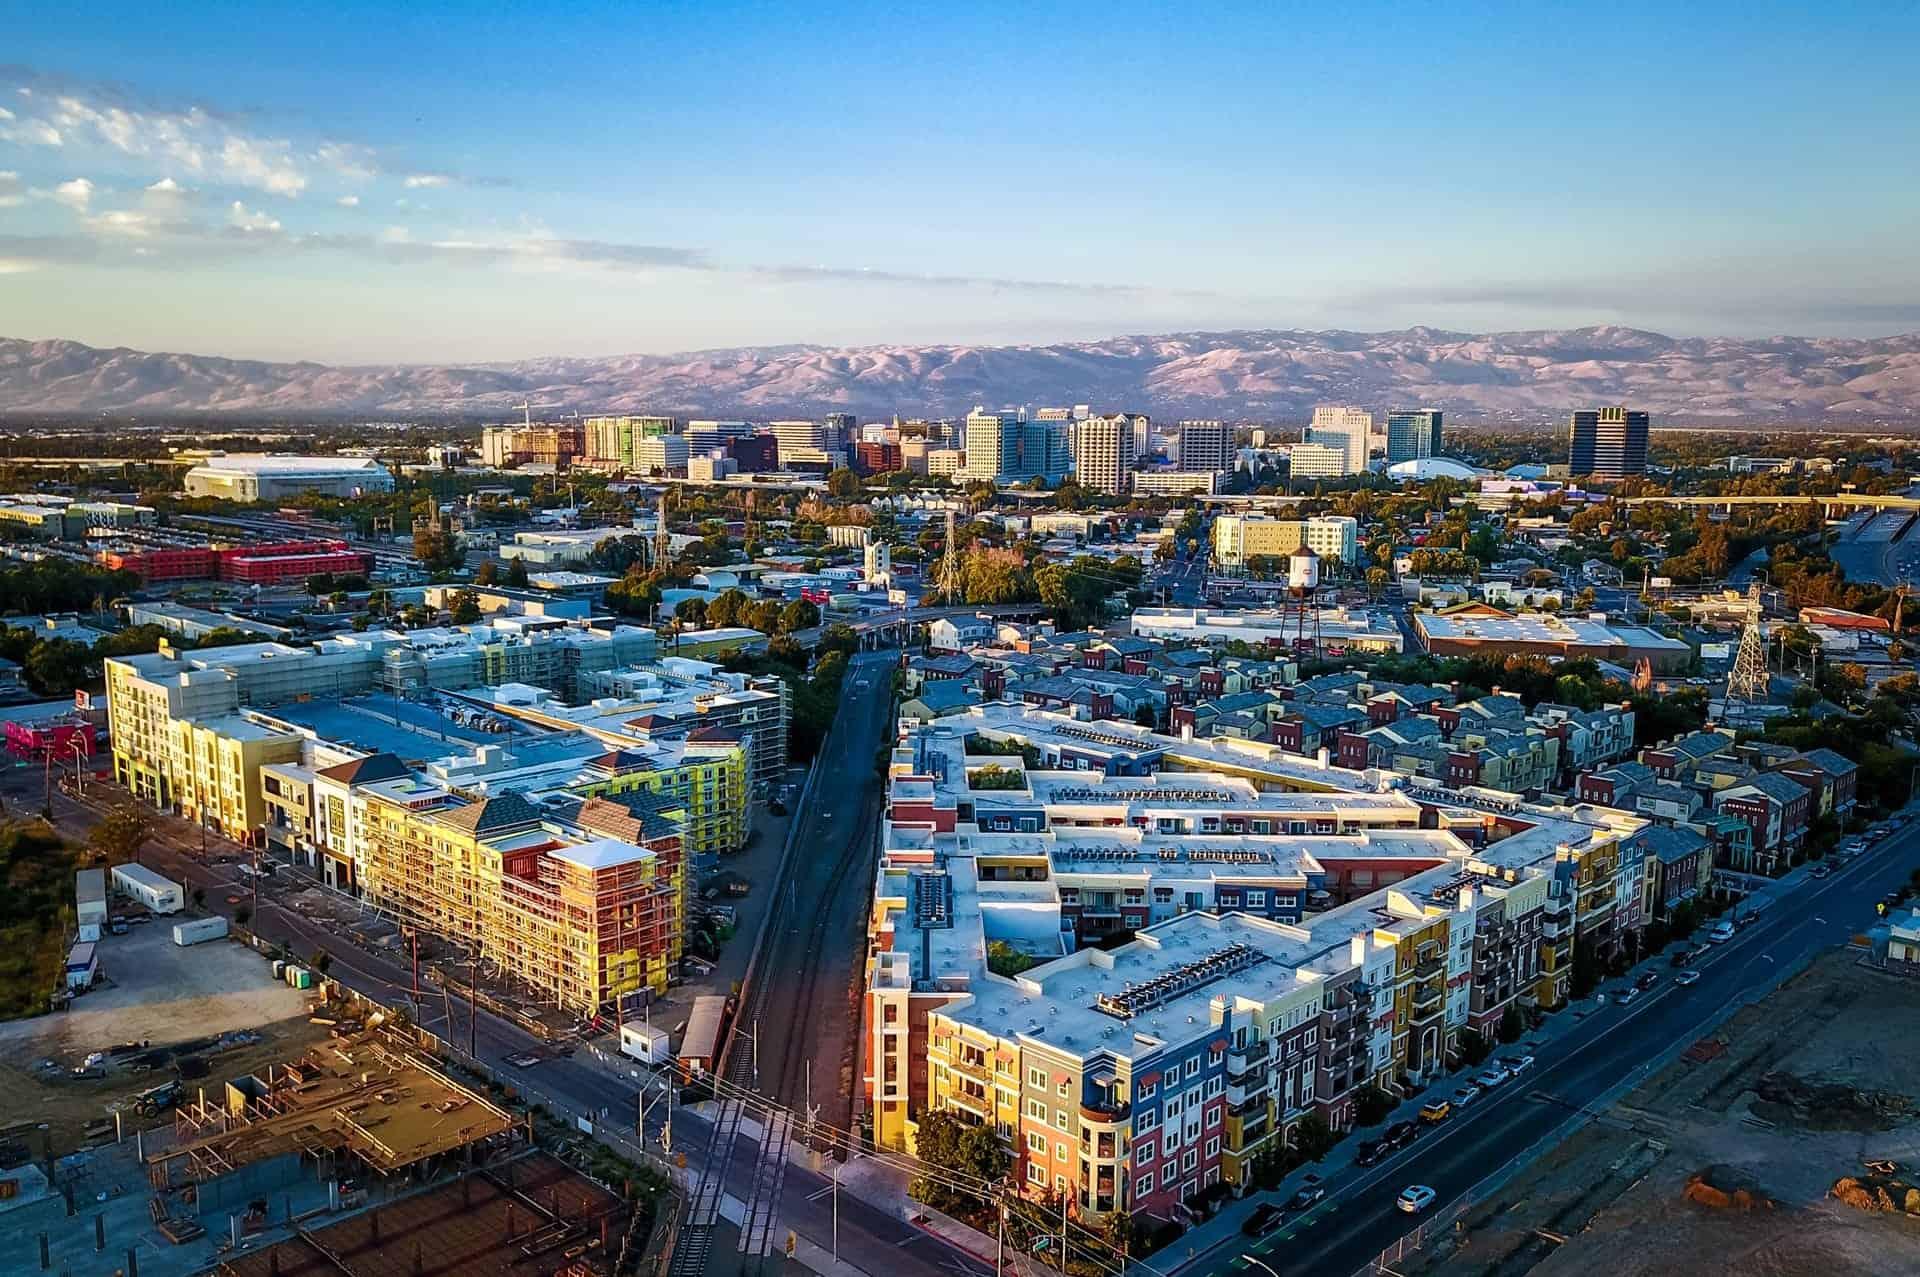 LocWorld41 – Silicon Valley 2019